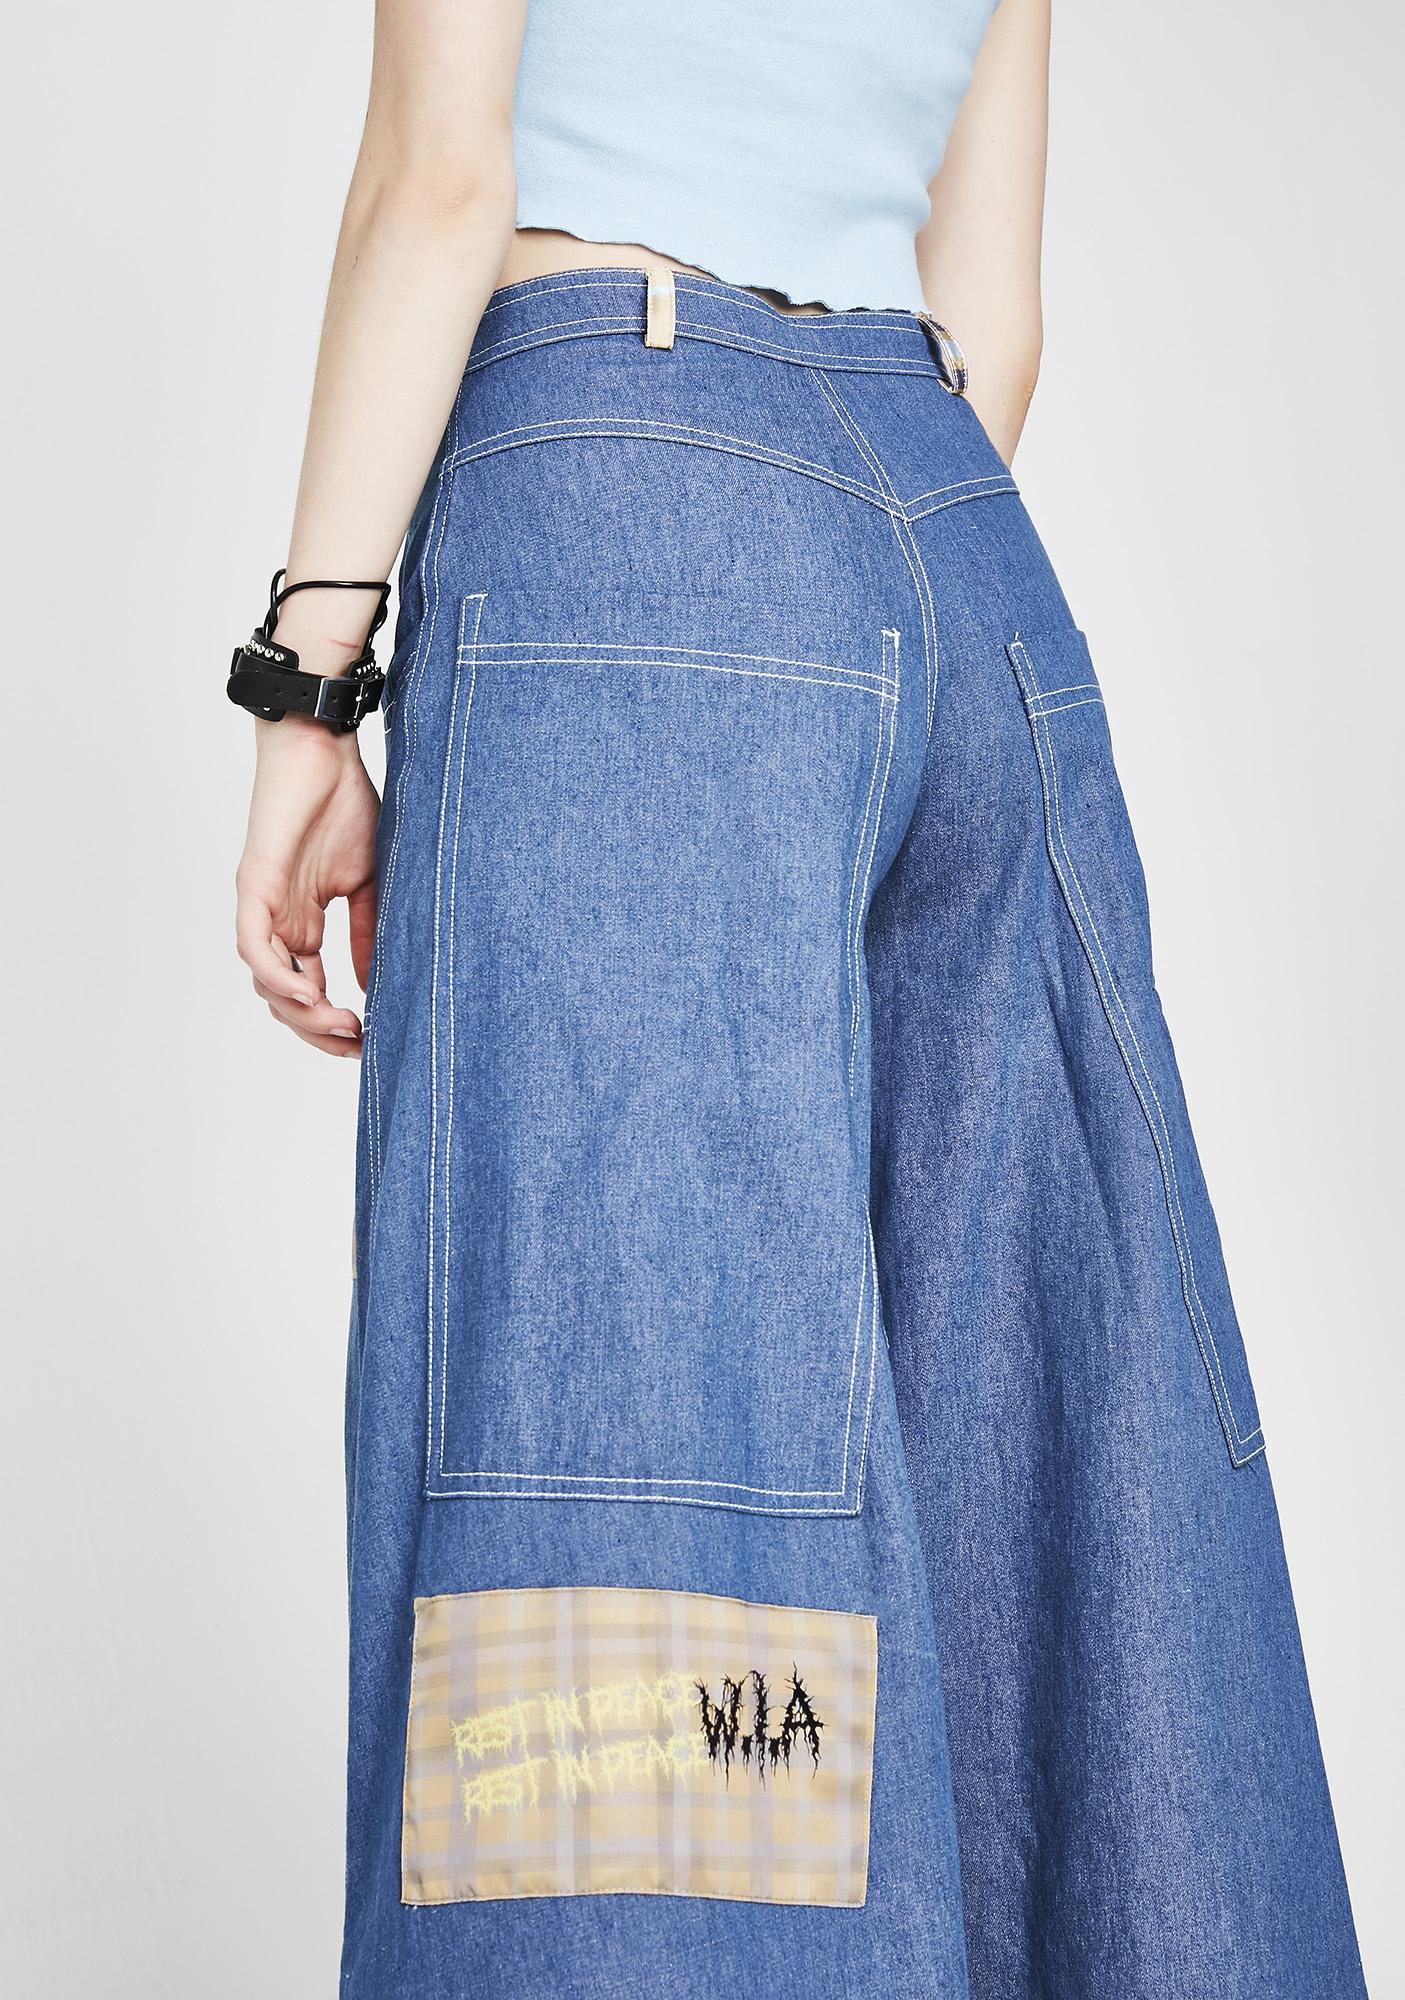 W.I.A Hyper Pants